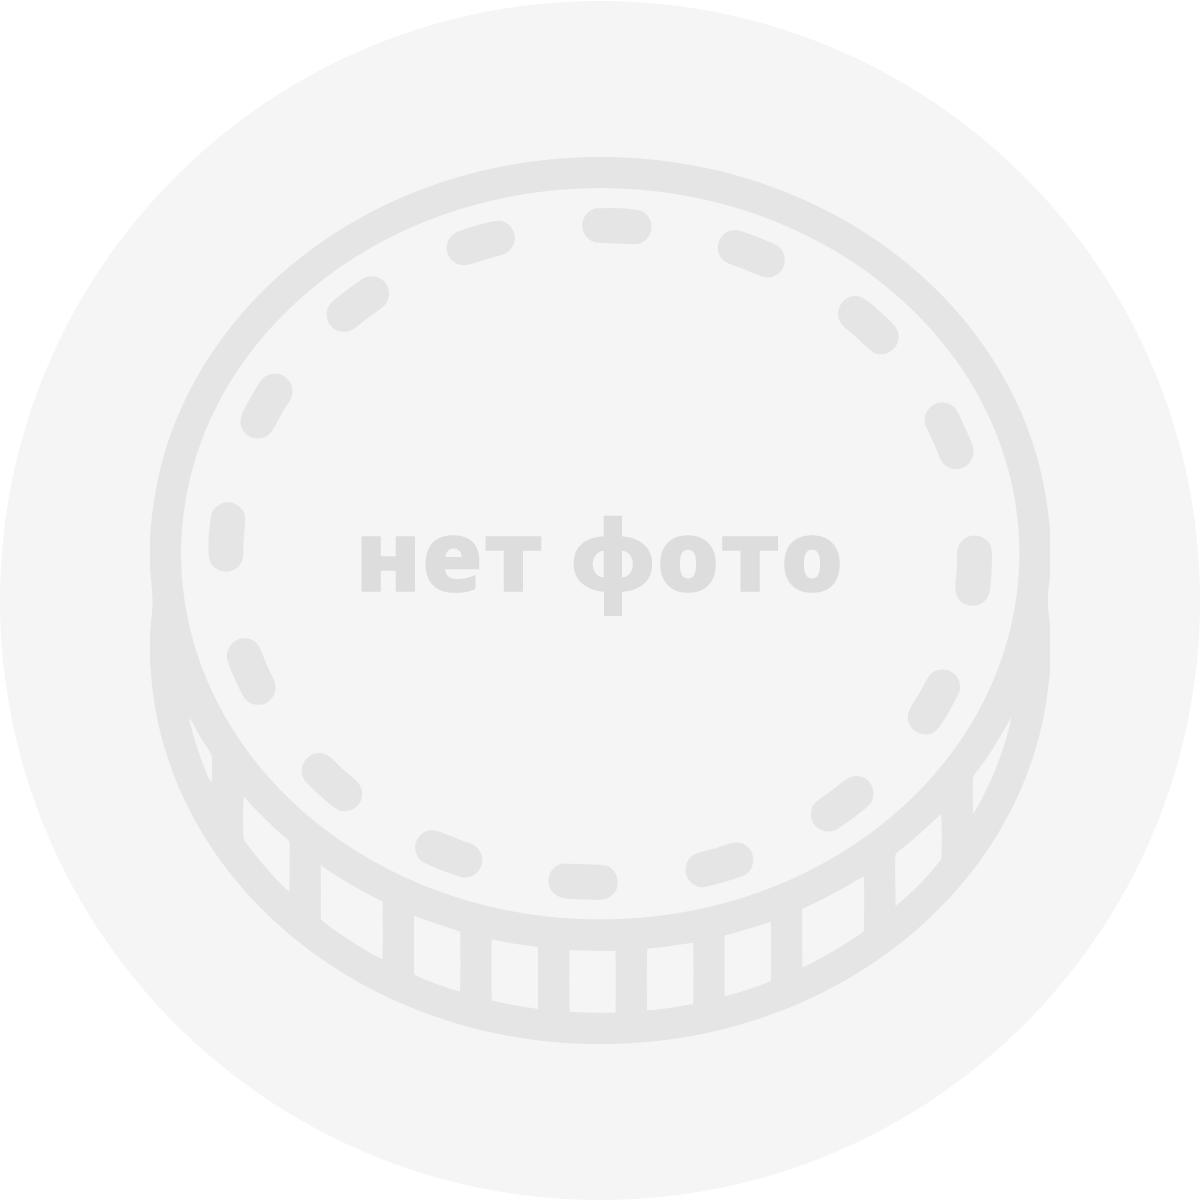 Республика Тыва, Набор монет (2015 г.)